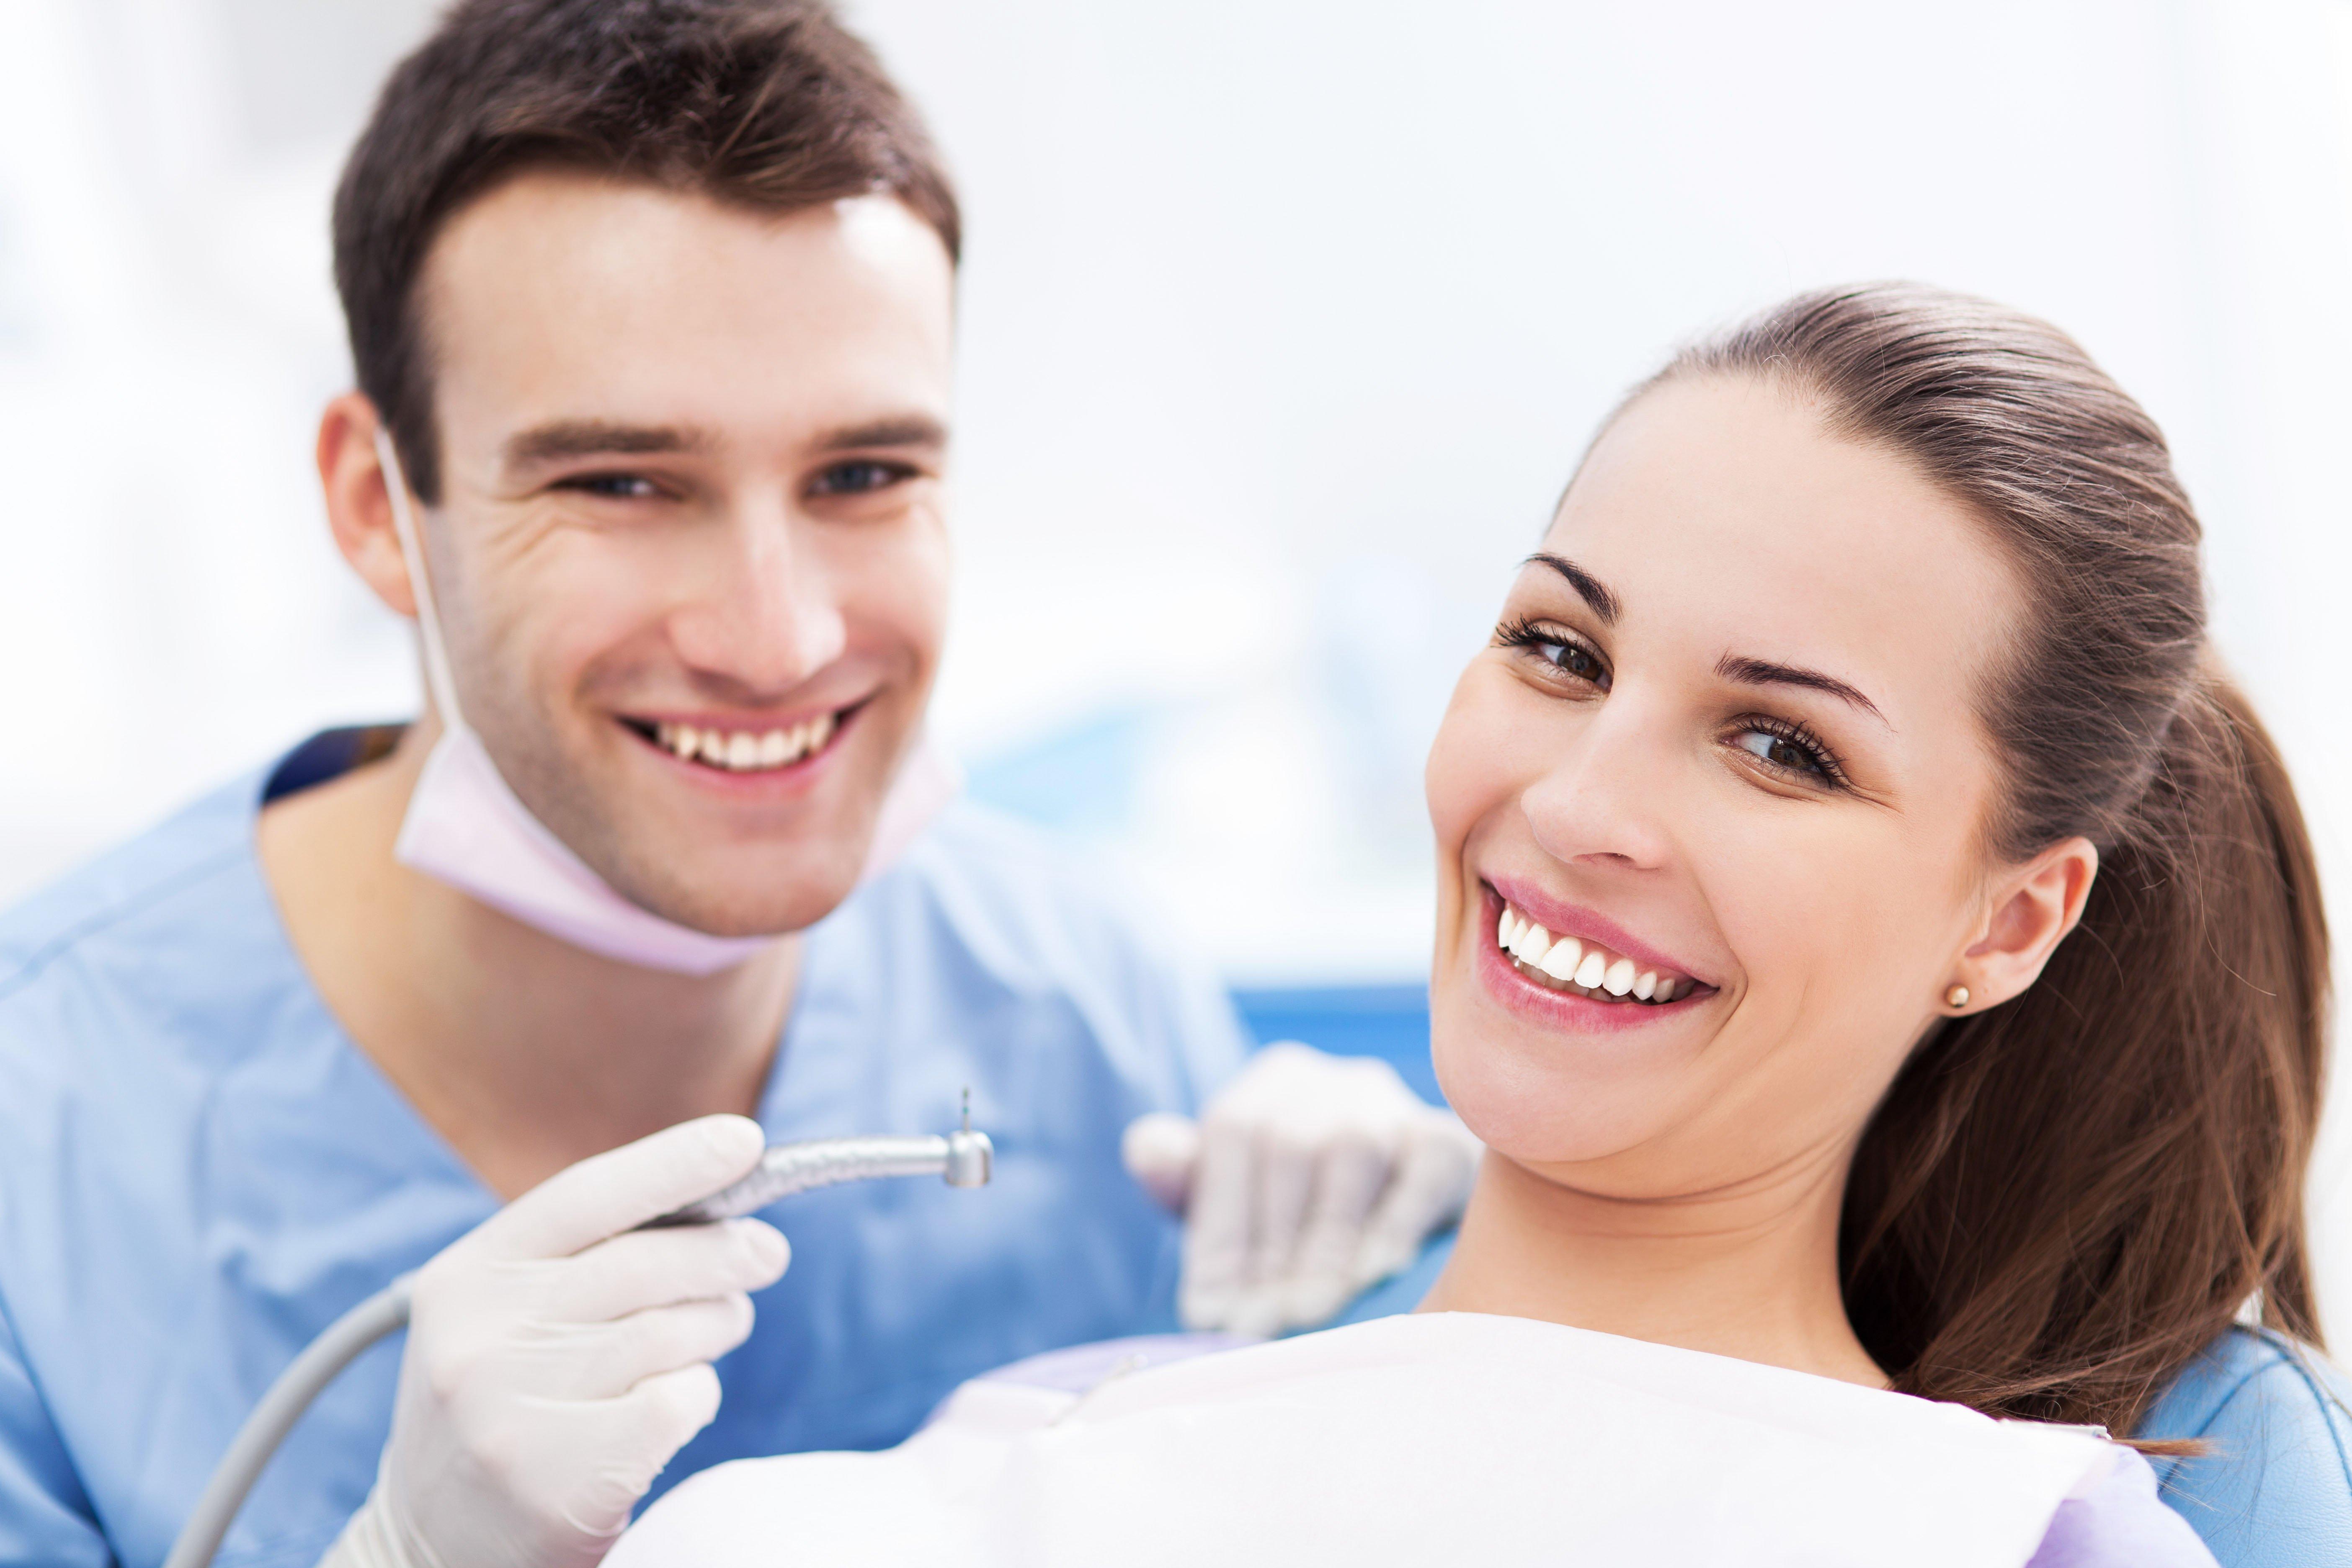 Girl at dental clinic